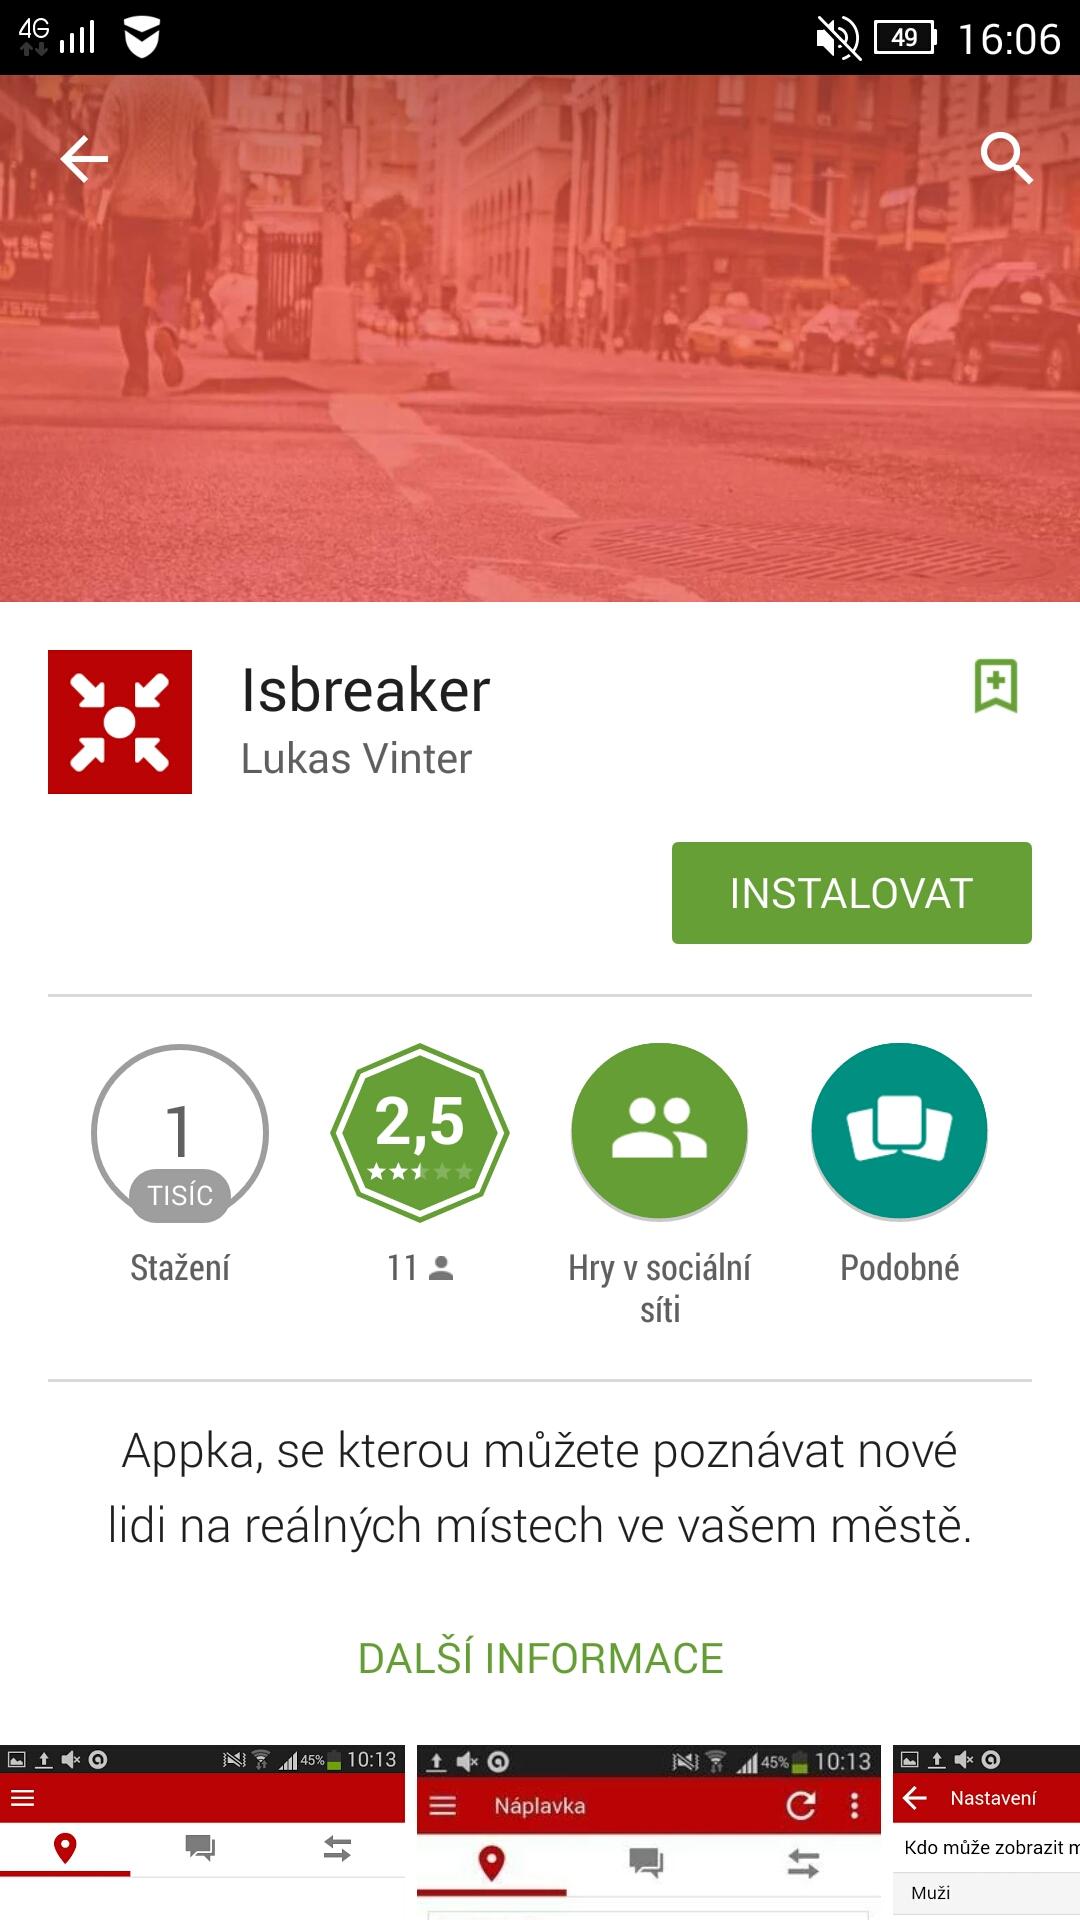 Nové aplikace pro seznamky zdarma 2015